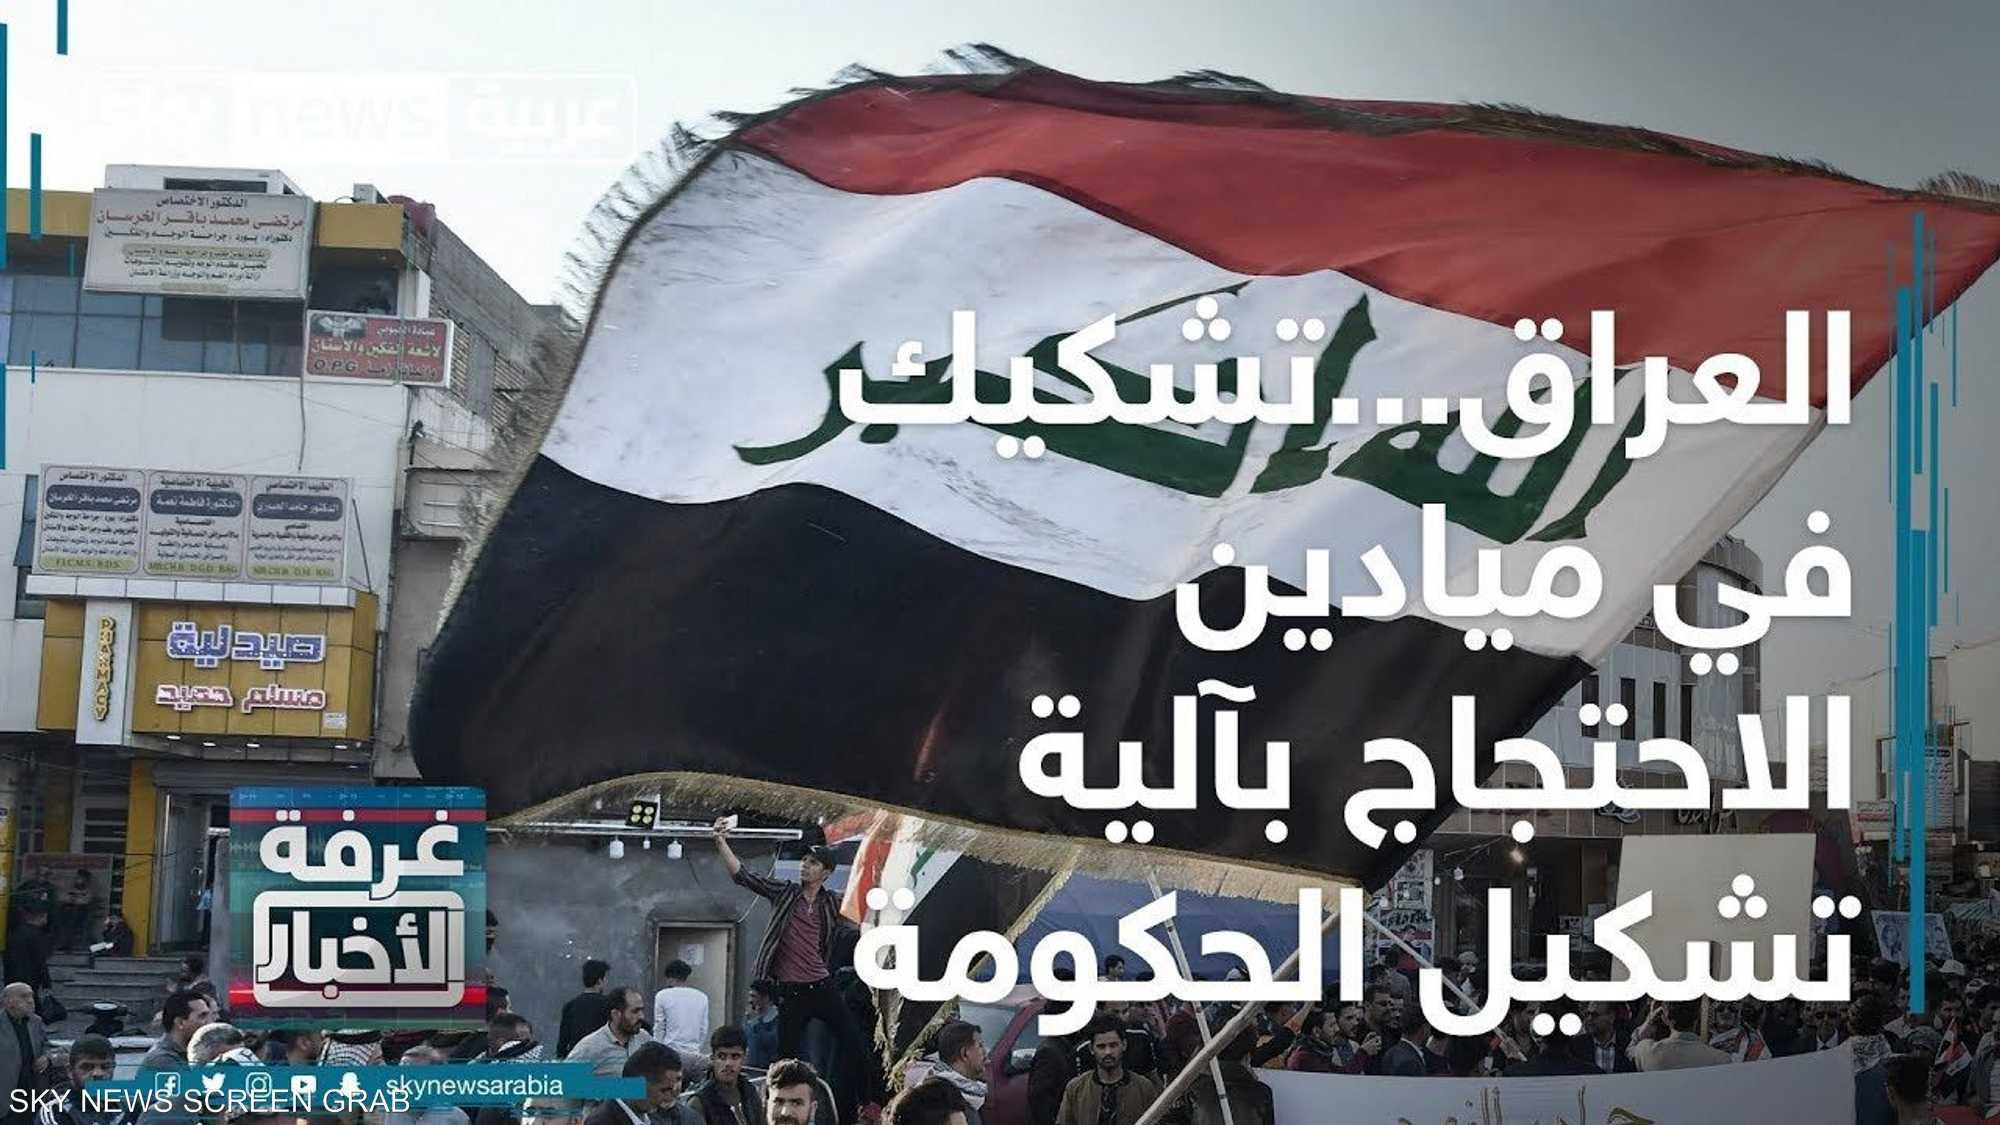 العراق.. تشكيك في ميادين الاحتجاج بآلية تشكيل الحكومة